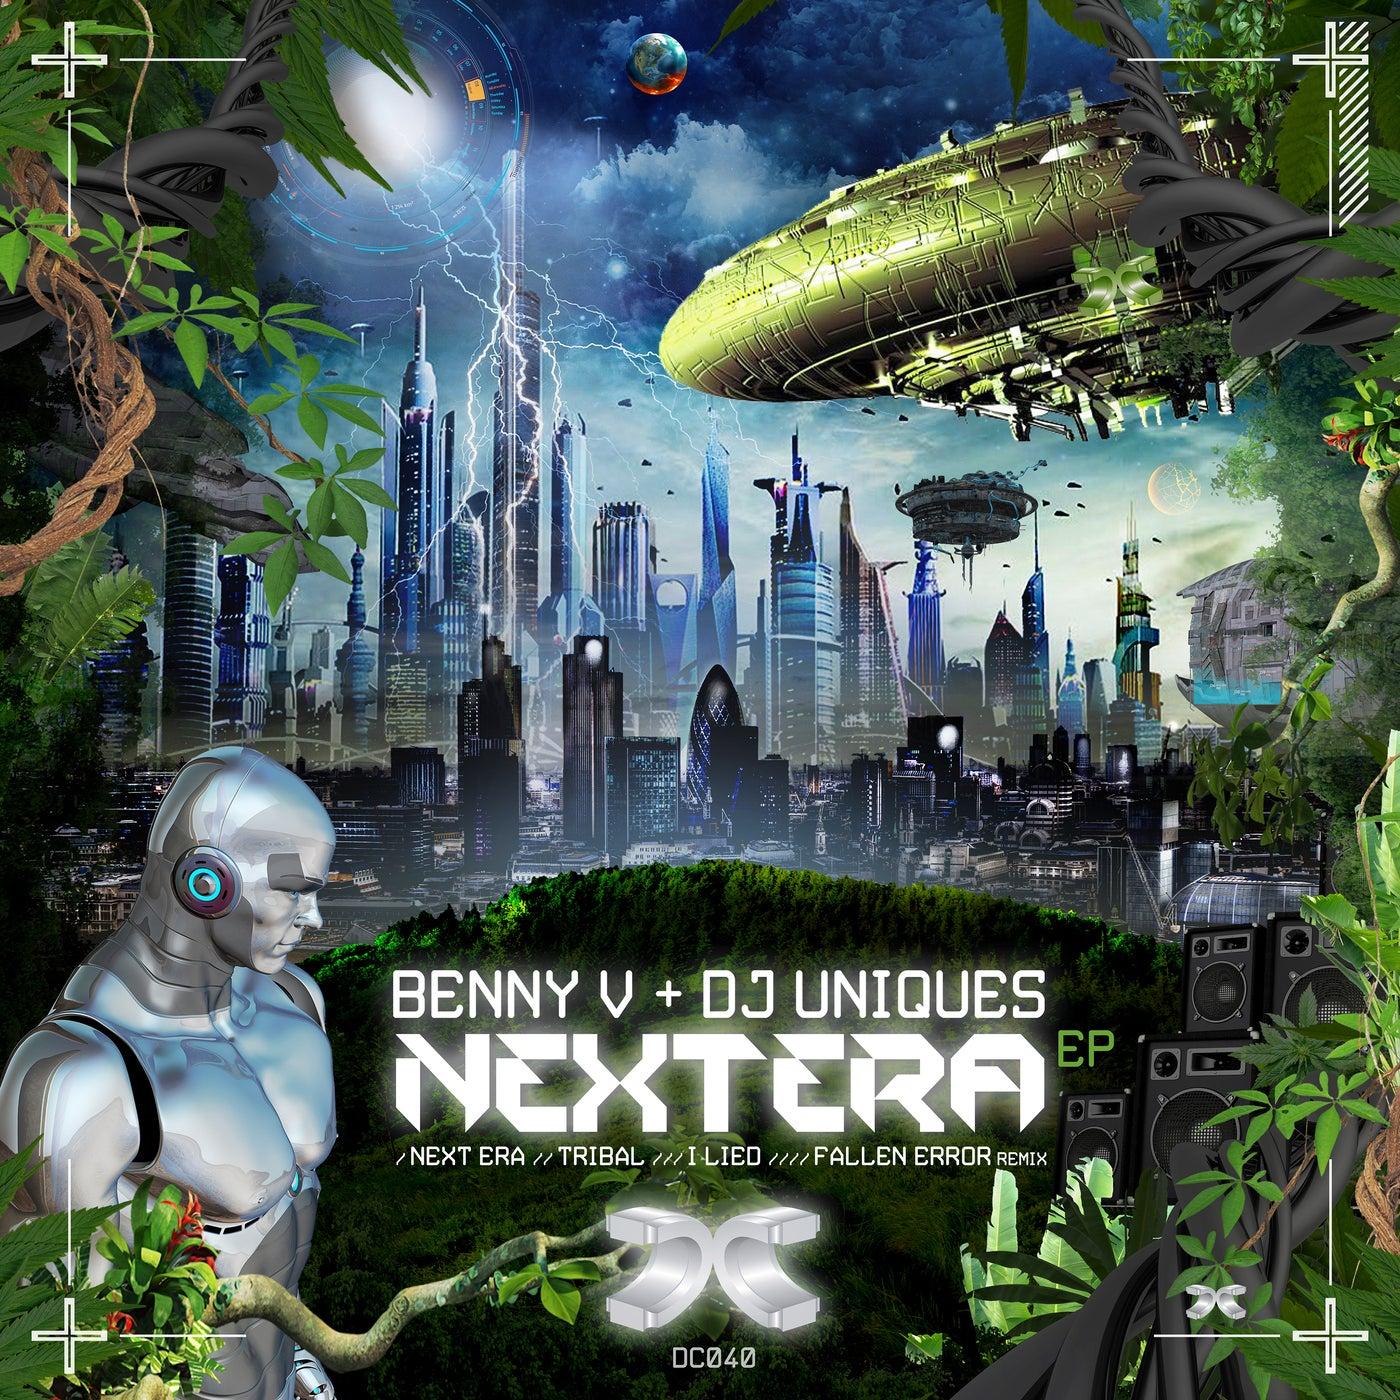 Next Era EP